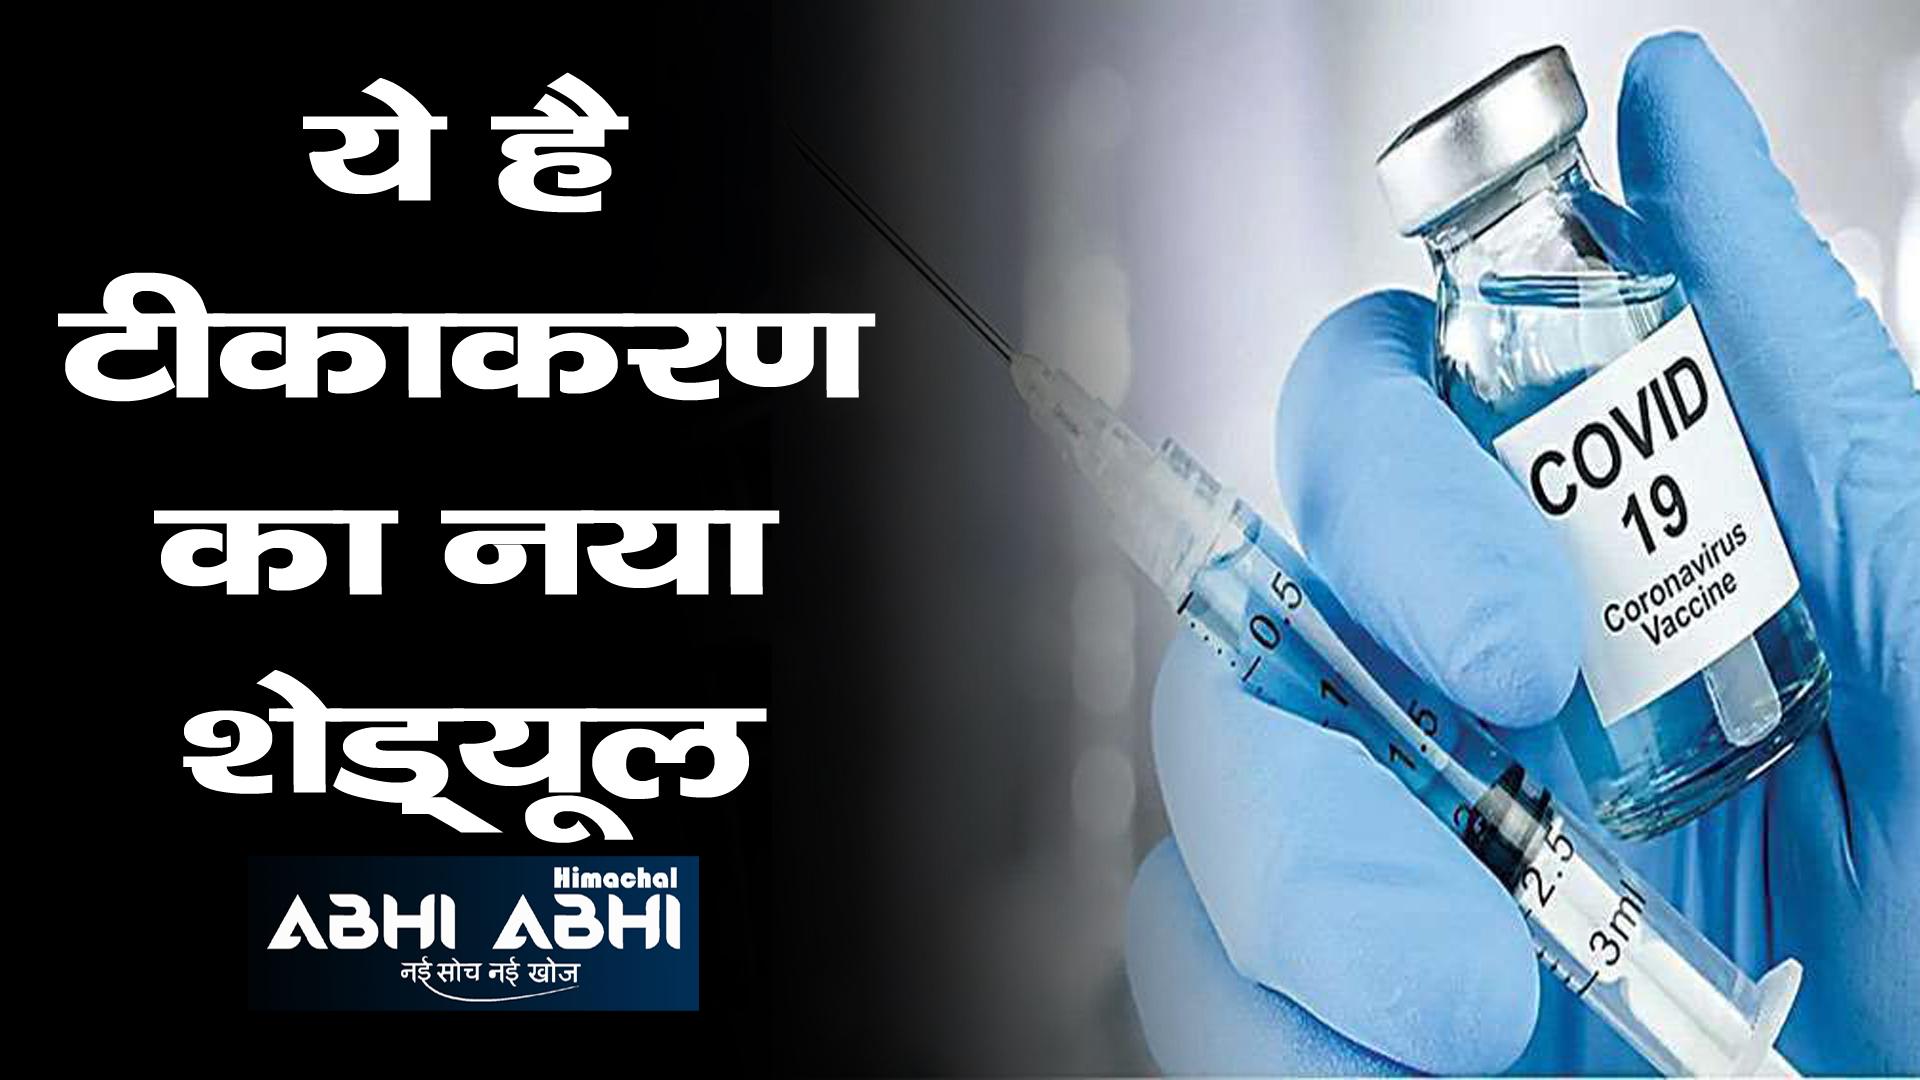 हिमाचल में जून माह में इस हिसाब से लगेगा कोरोना का टीका, यहां पढ़े पूरी डिटेल